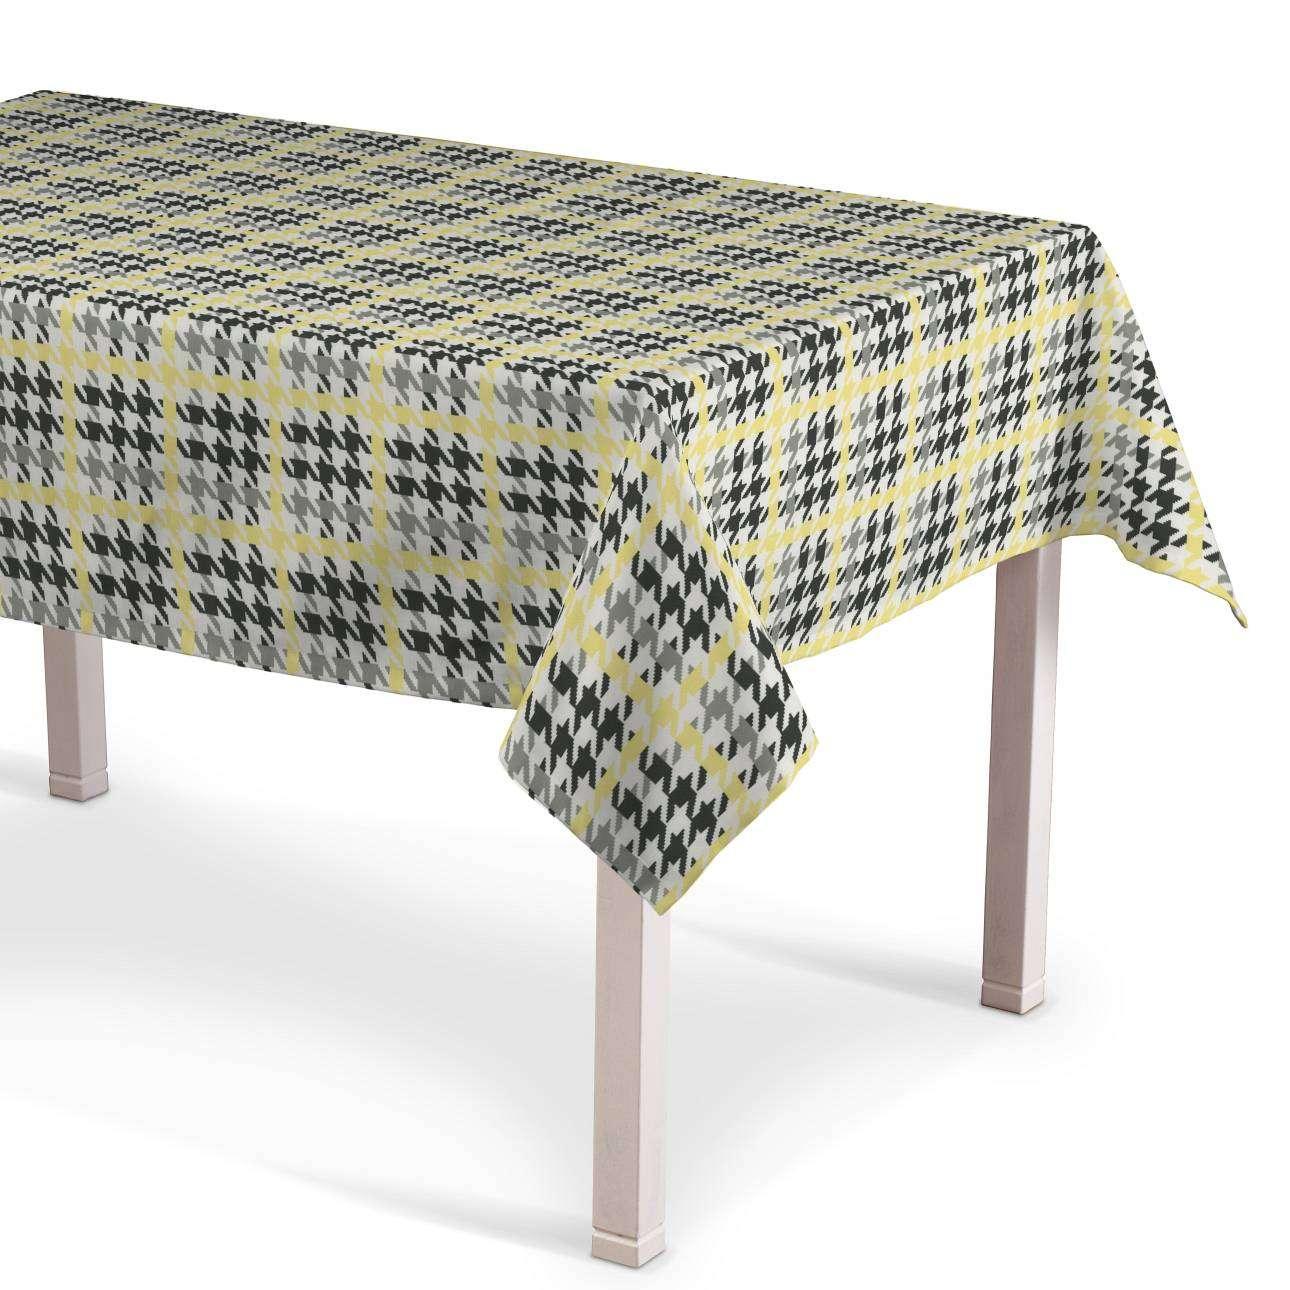 Asztalterítő téglalap alakú a kollekcióból SALE, Dekoranyag: 137-79